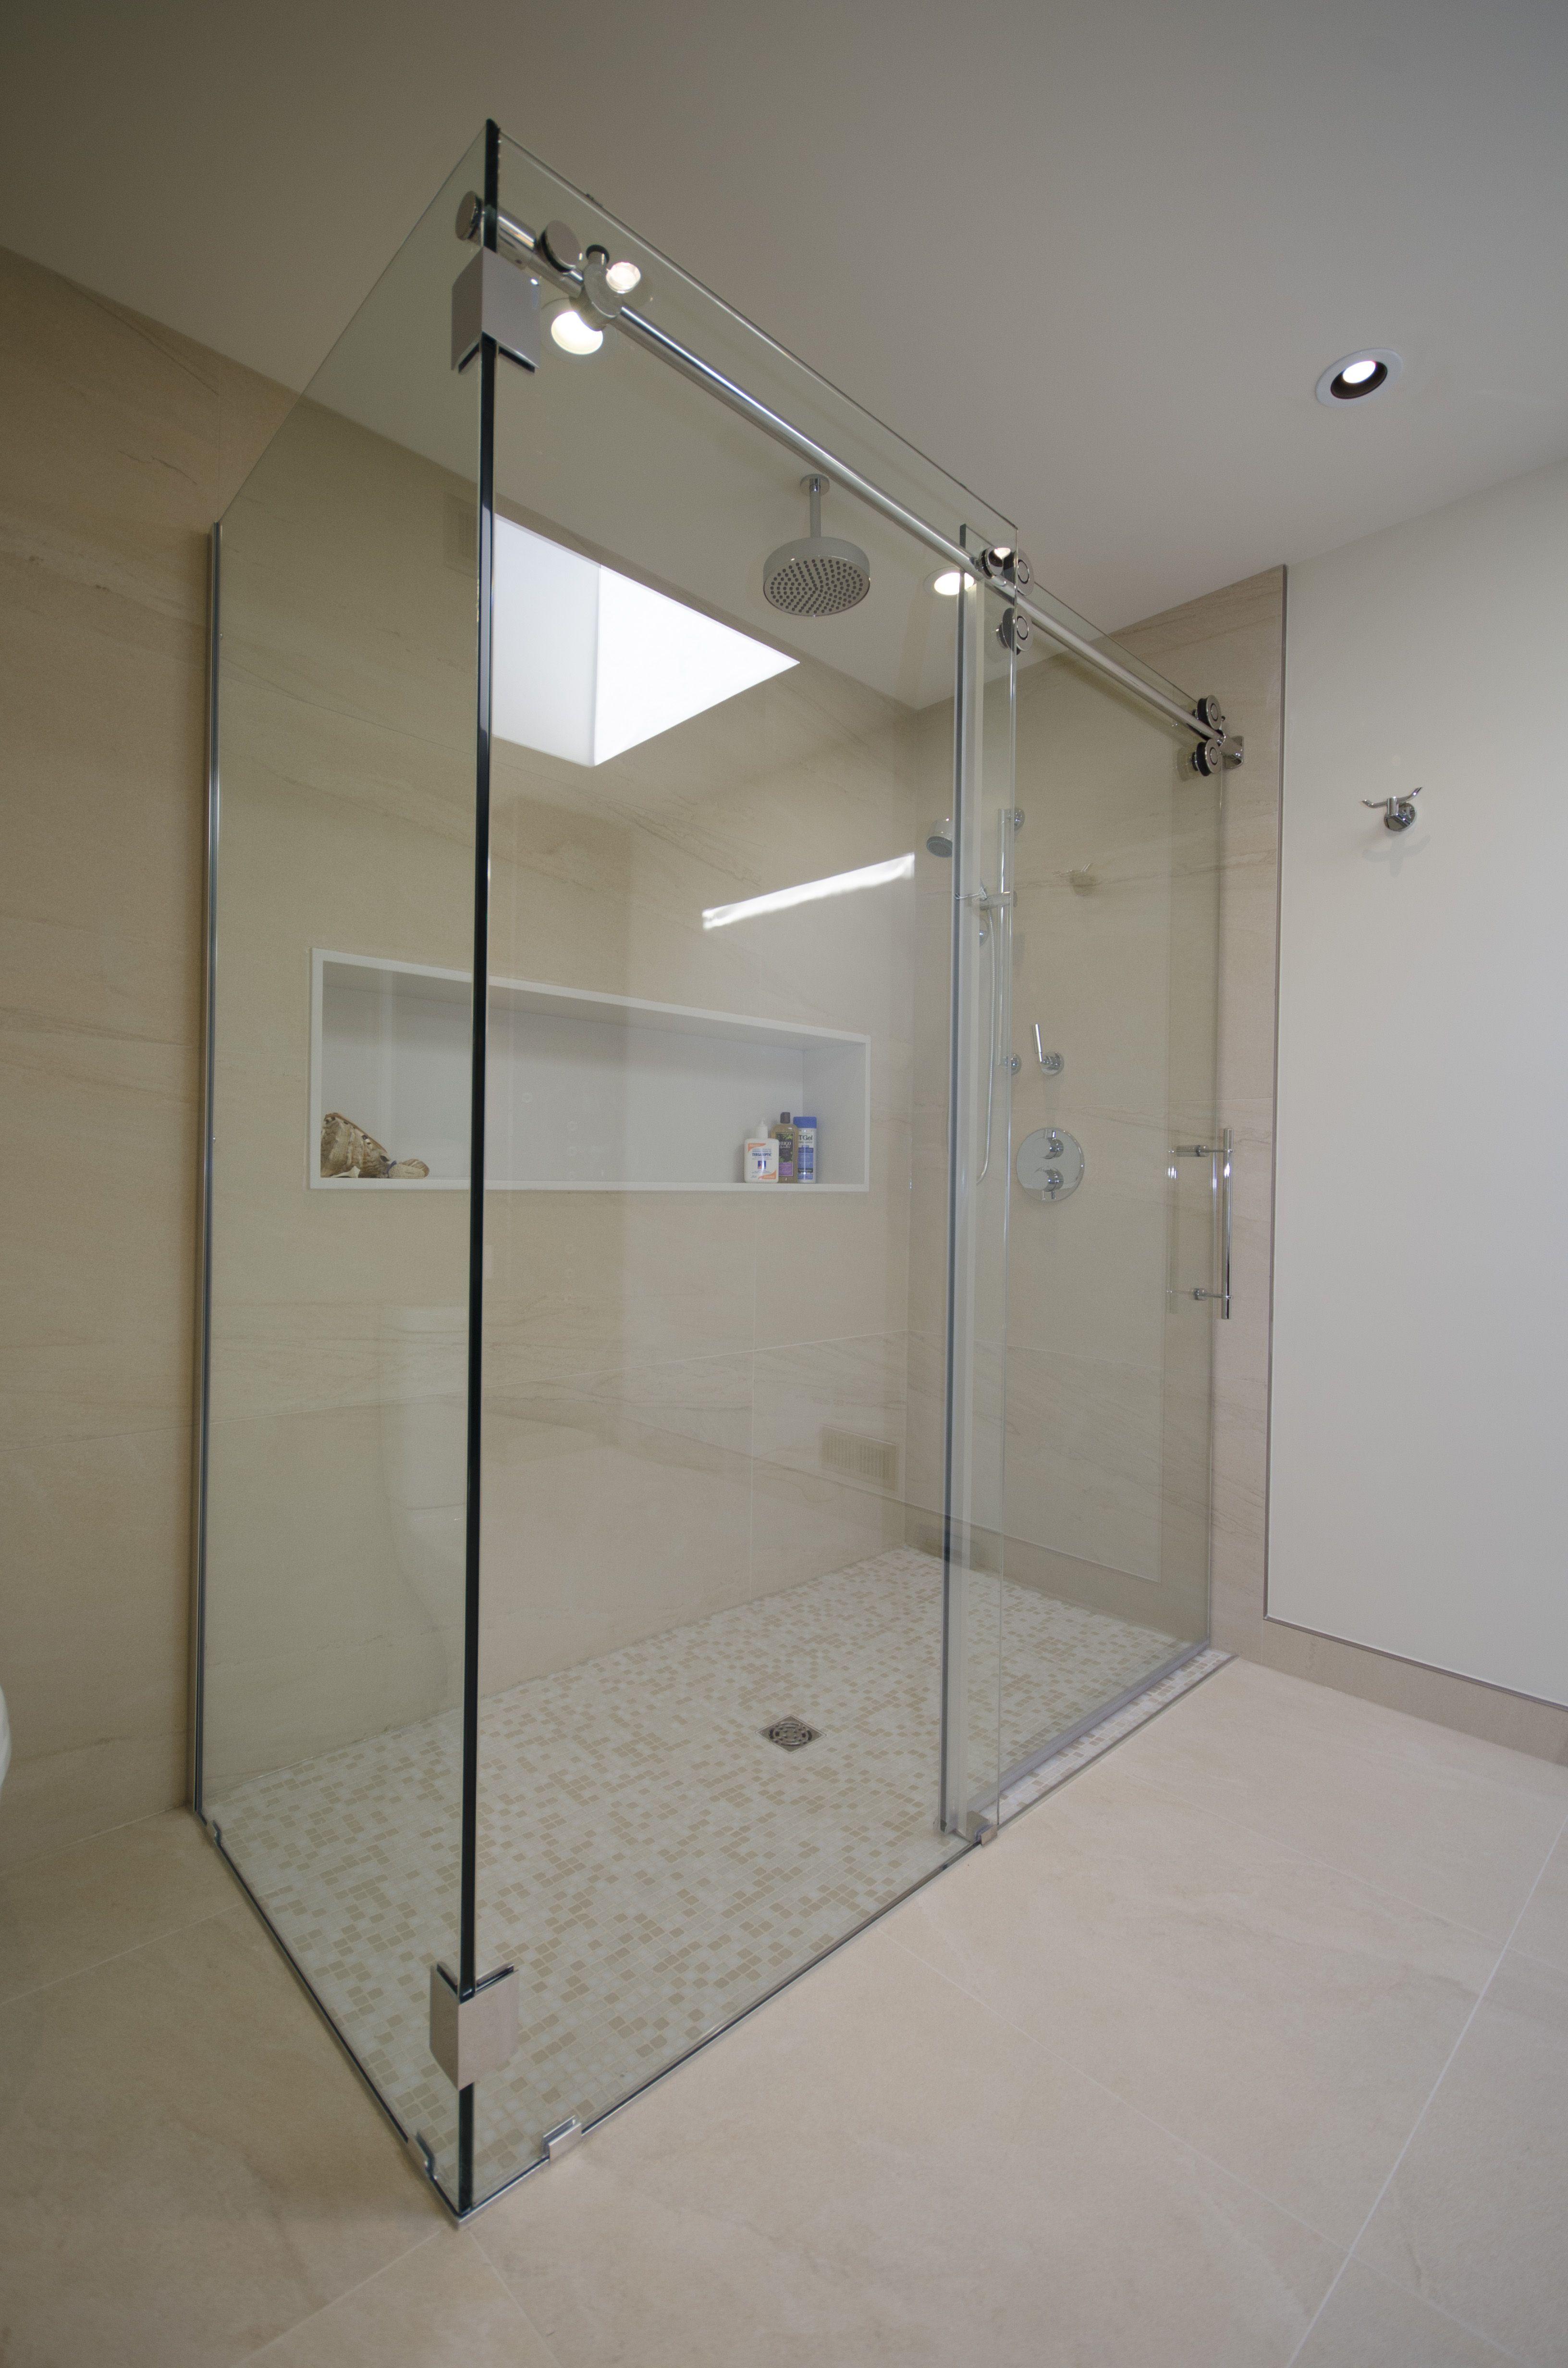 Stepless Shower With Sliding Doors Secret Mstr Bedroom